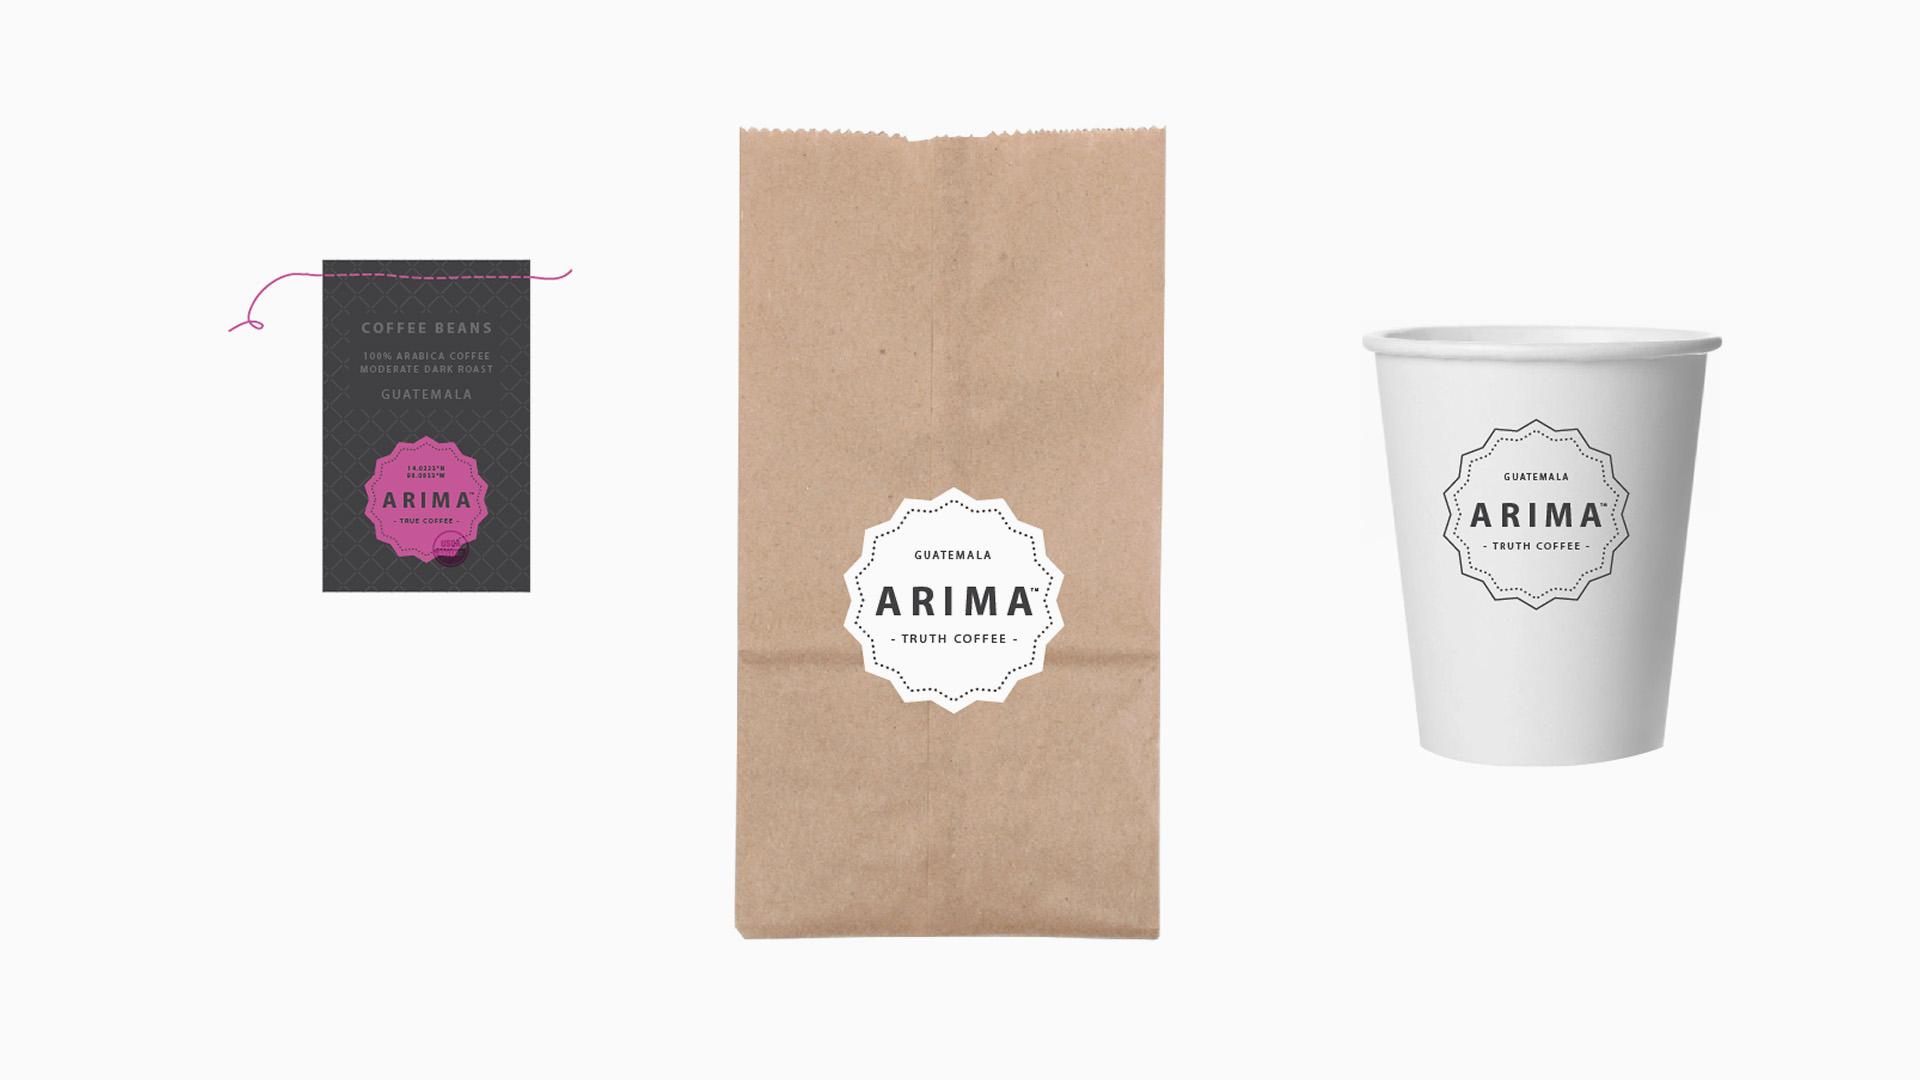 Portfolio  / Design overview of   Arima Café brand items.